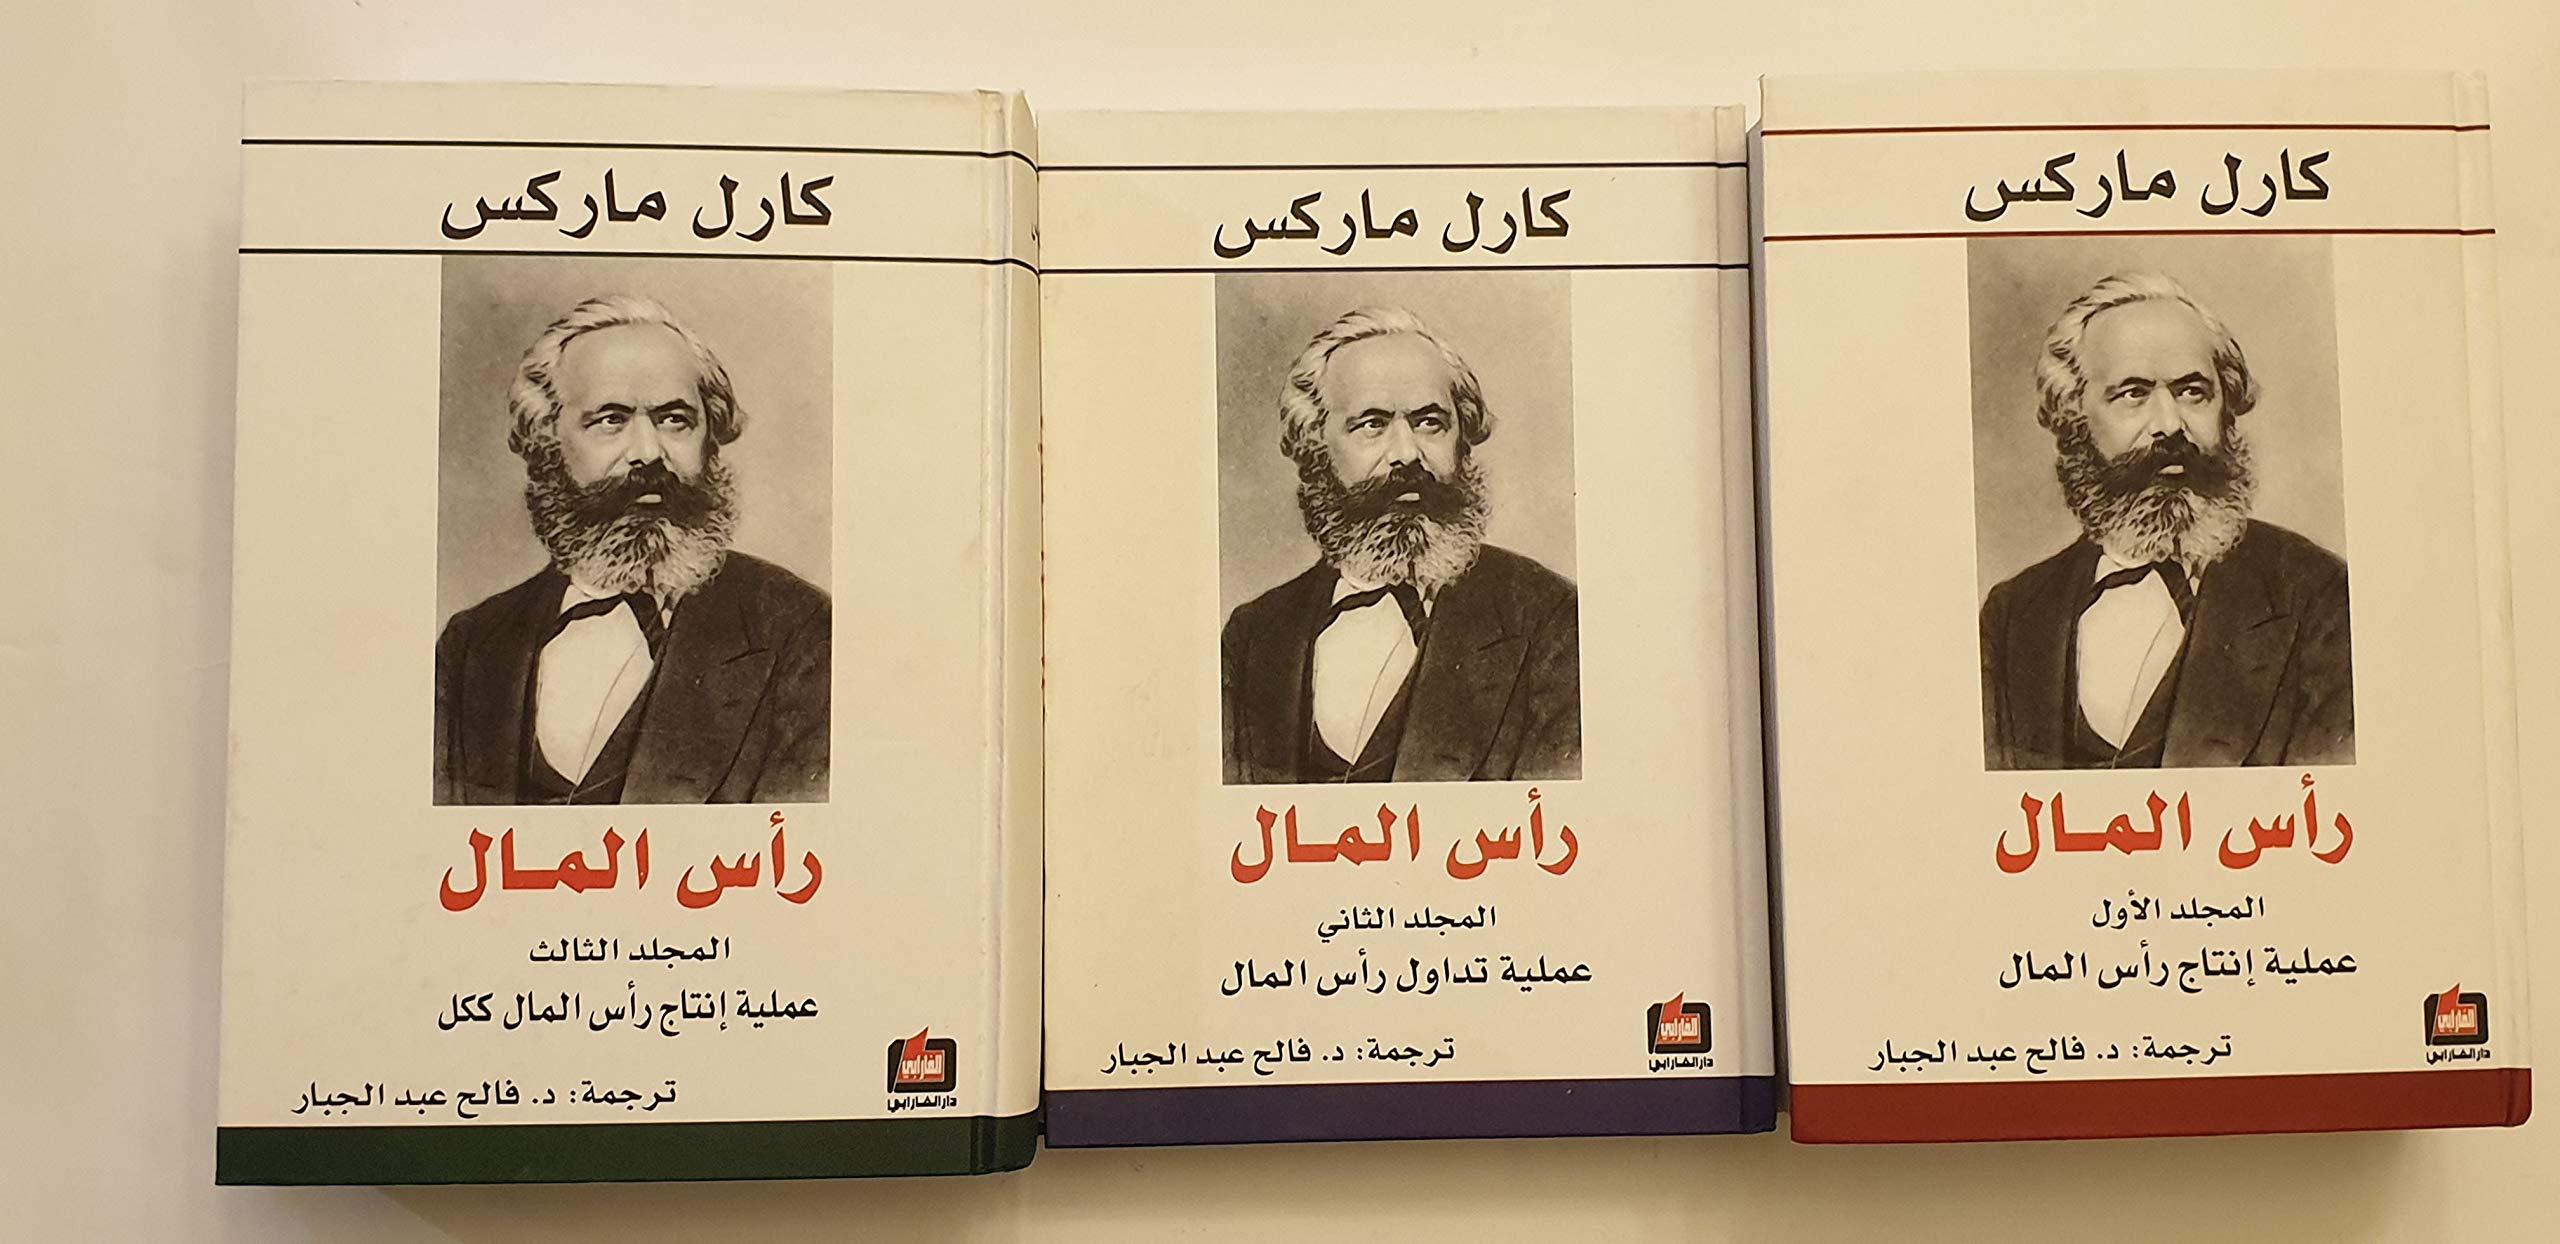 رأس المال كارل ماركس